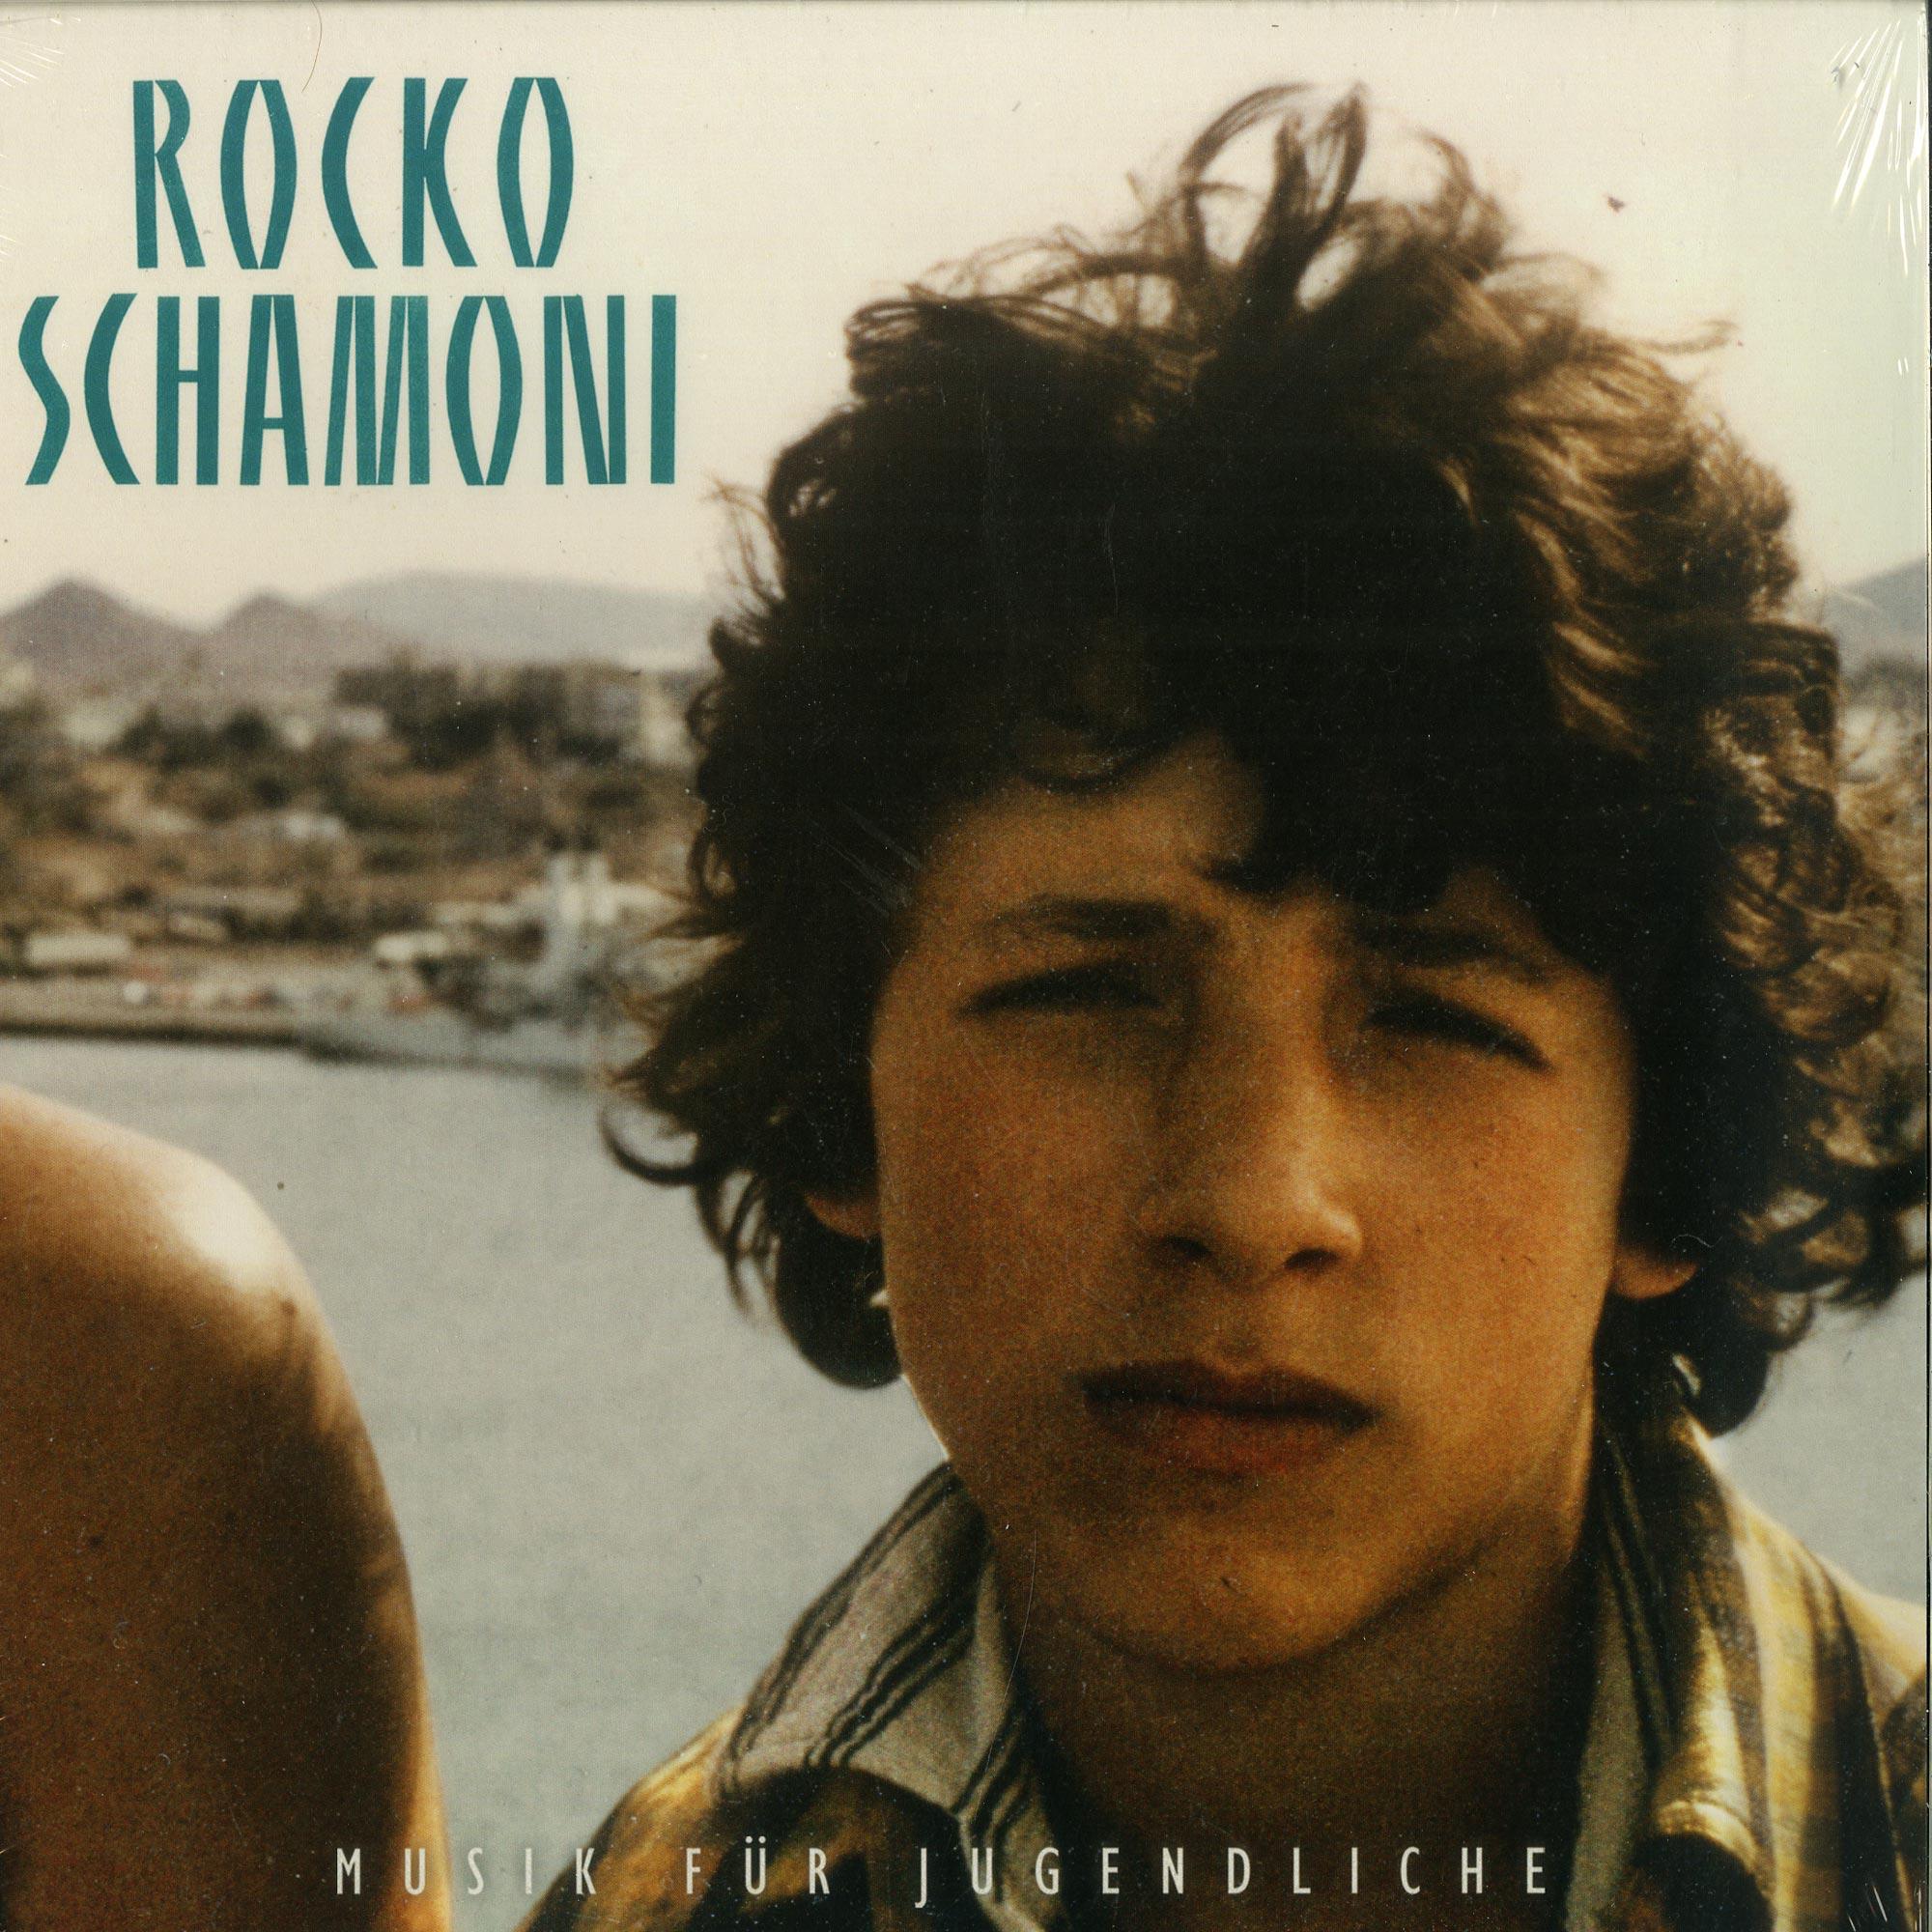 Rocko Schamoni - MUSIK FUER JUGENDLICHE